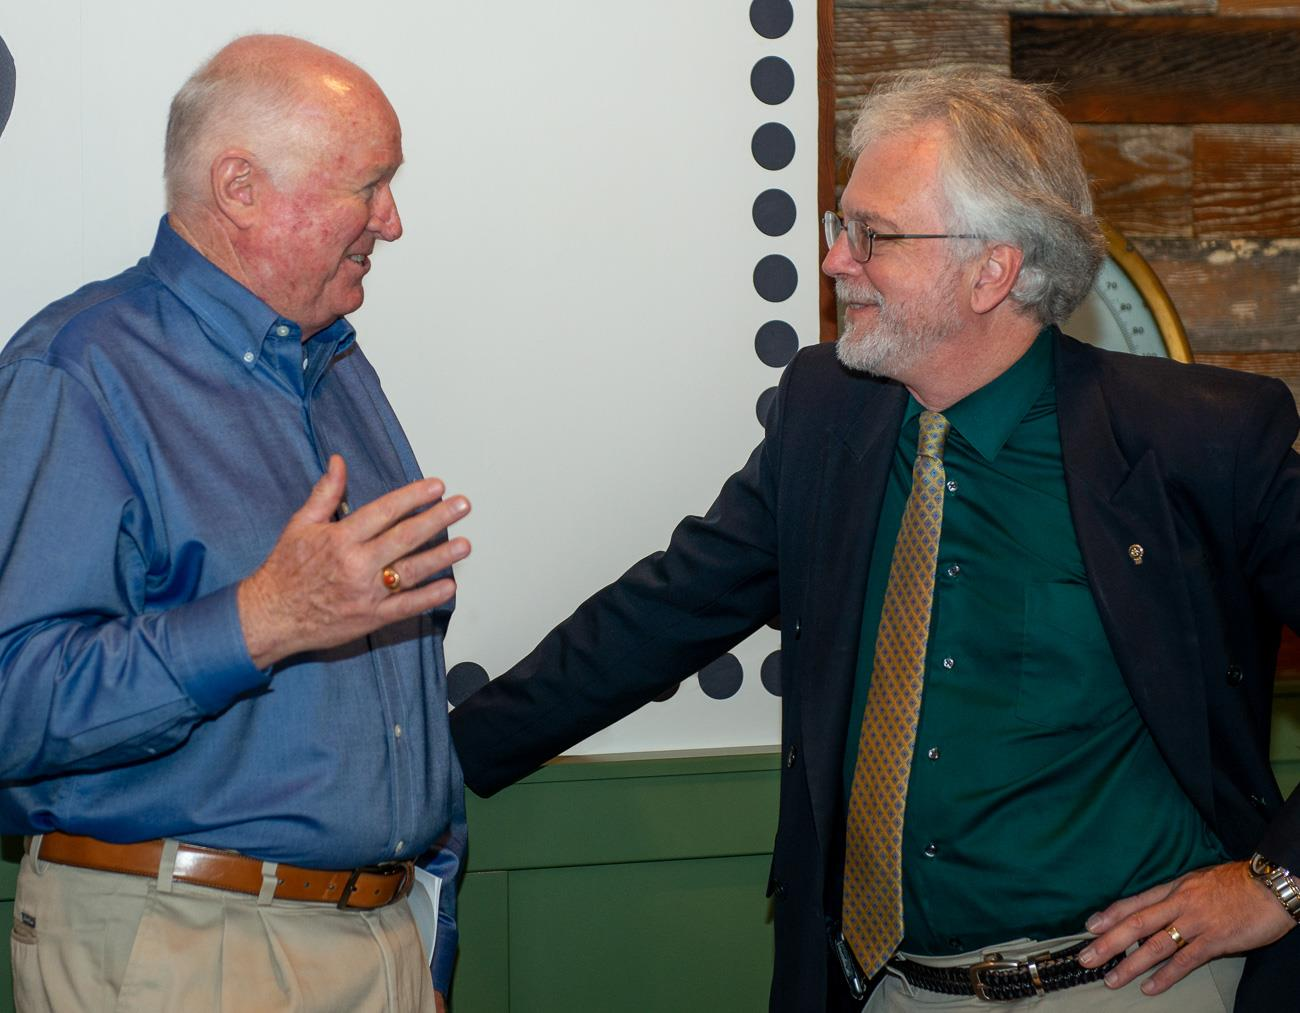 Steve Amend and Dave Lorenzen